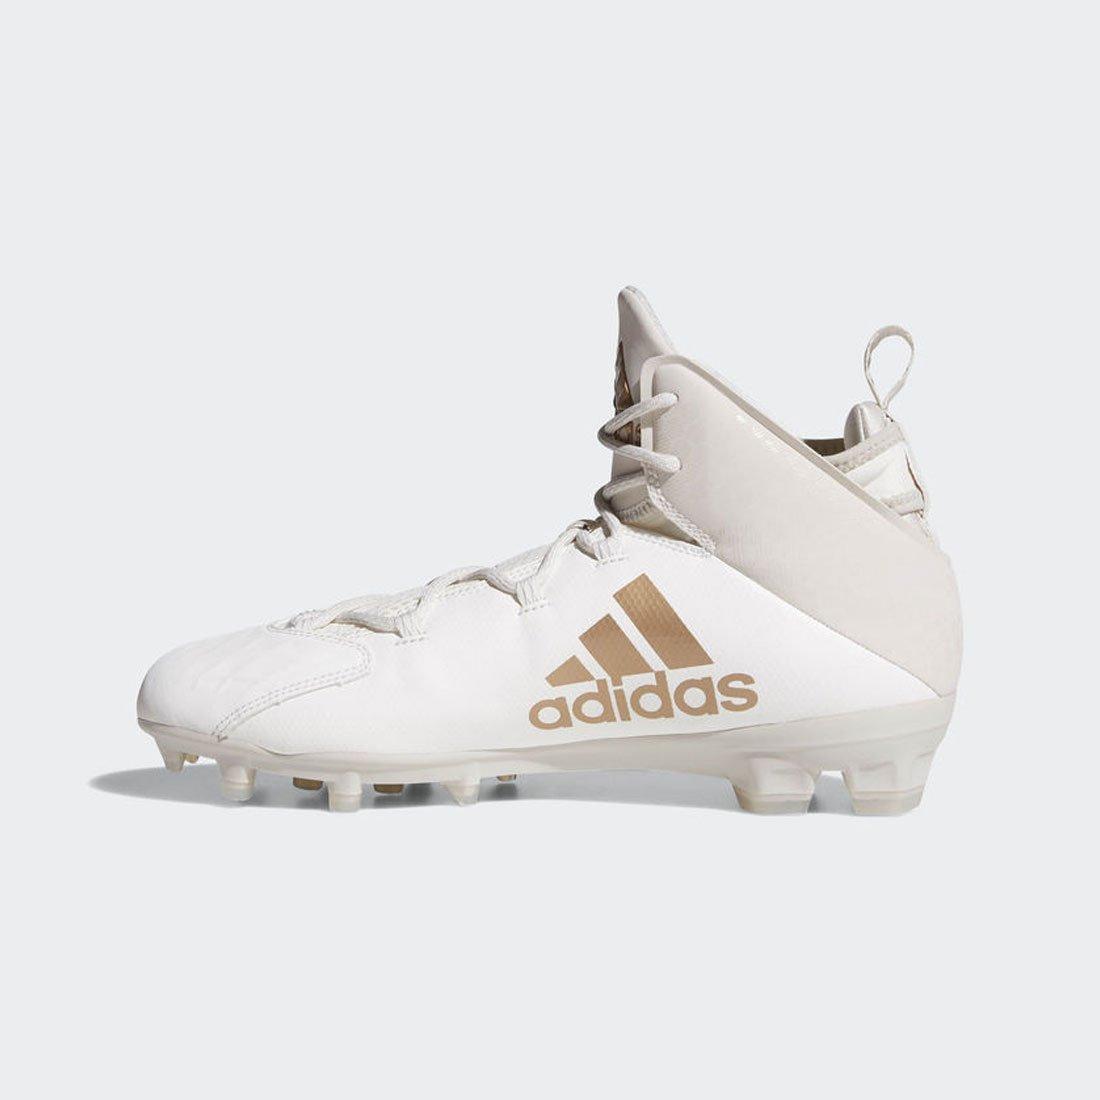 9cab381dc4d84 Amazon.com: Adidas Freak Lax Mid Lacrosse Cleats-Chalk/White-11.0 ...